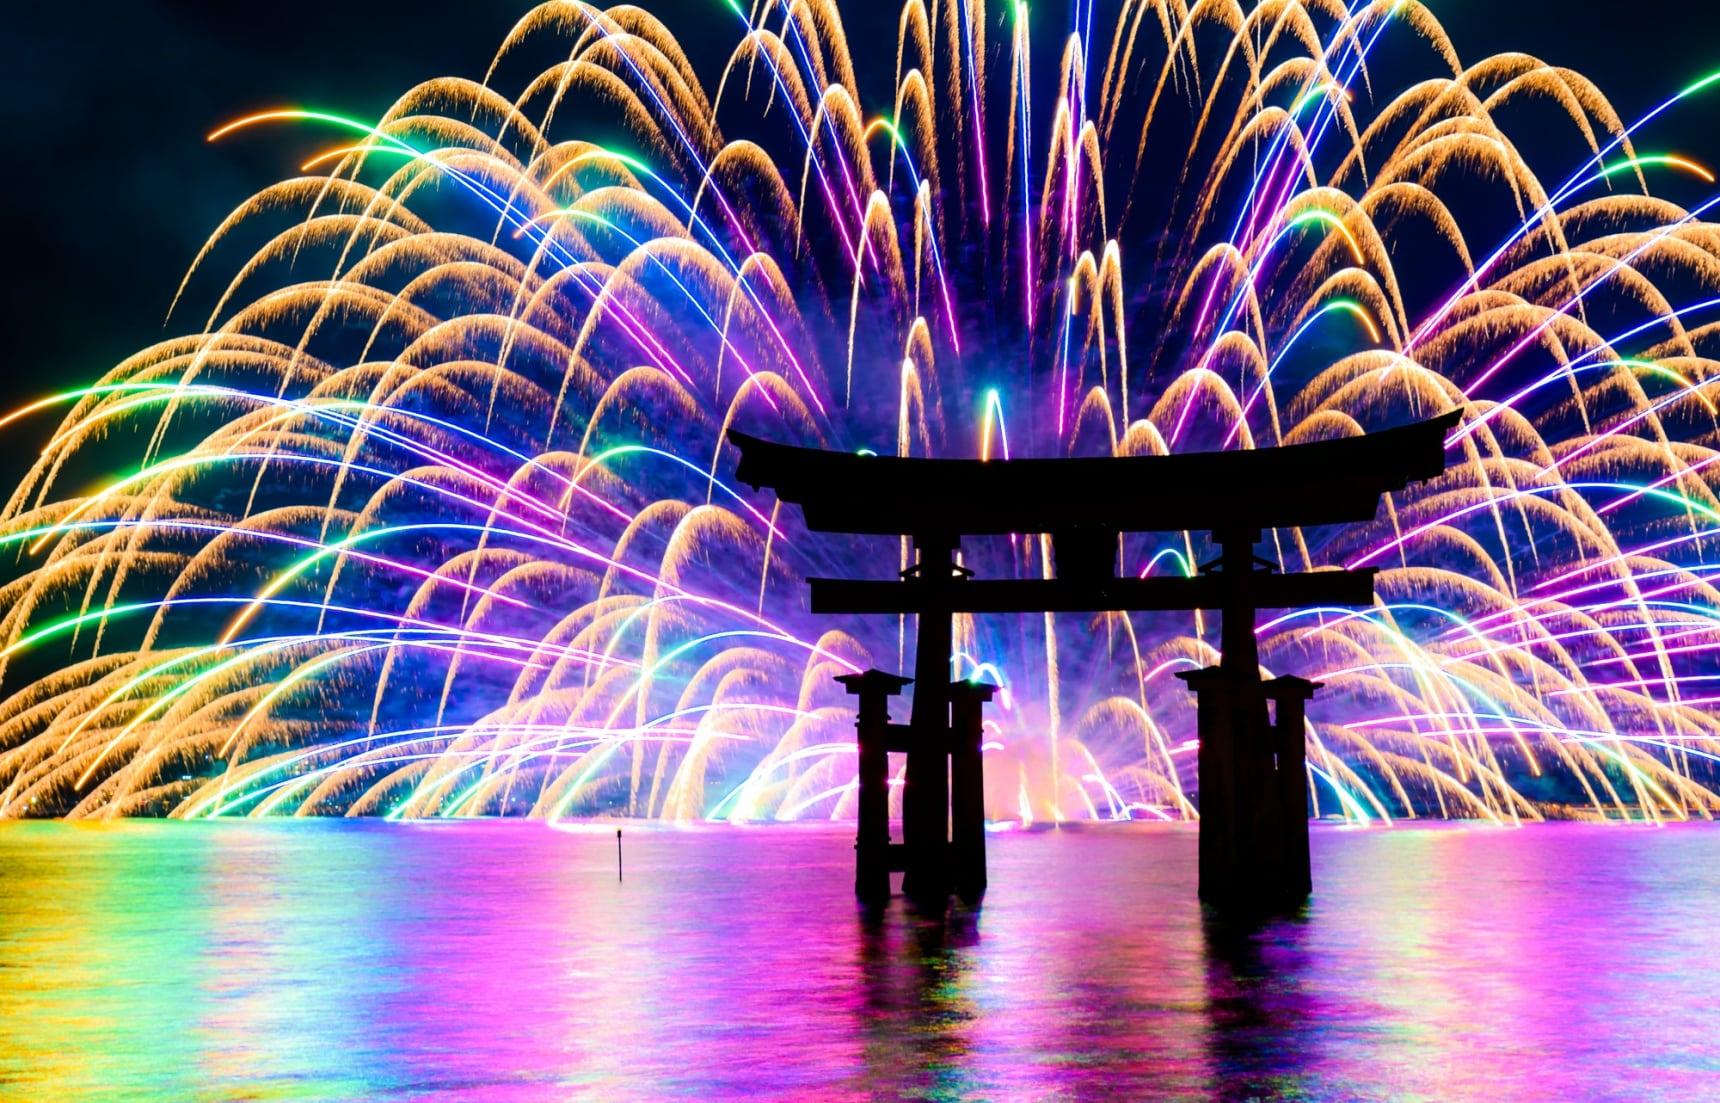 10 สุดยอดงานเทศกาลดอกไม้ไฟของญี่ปุ่น